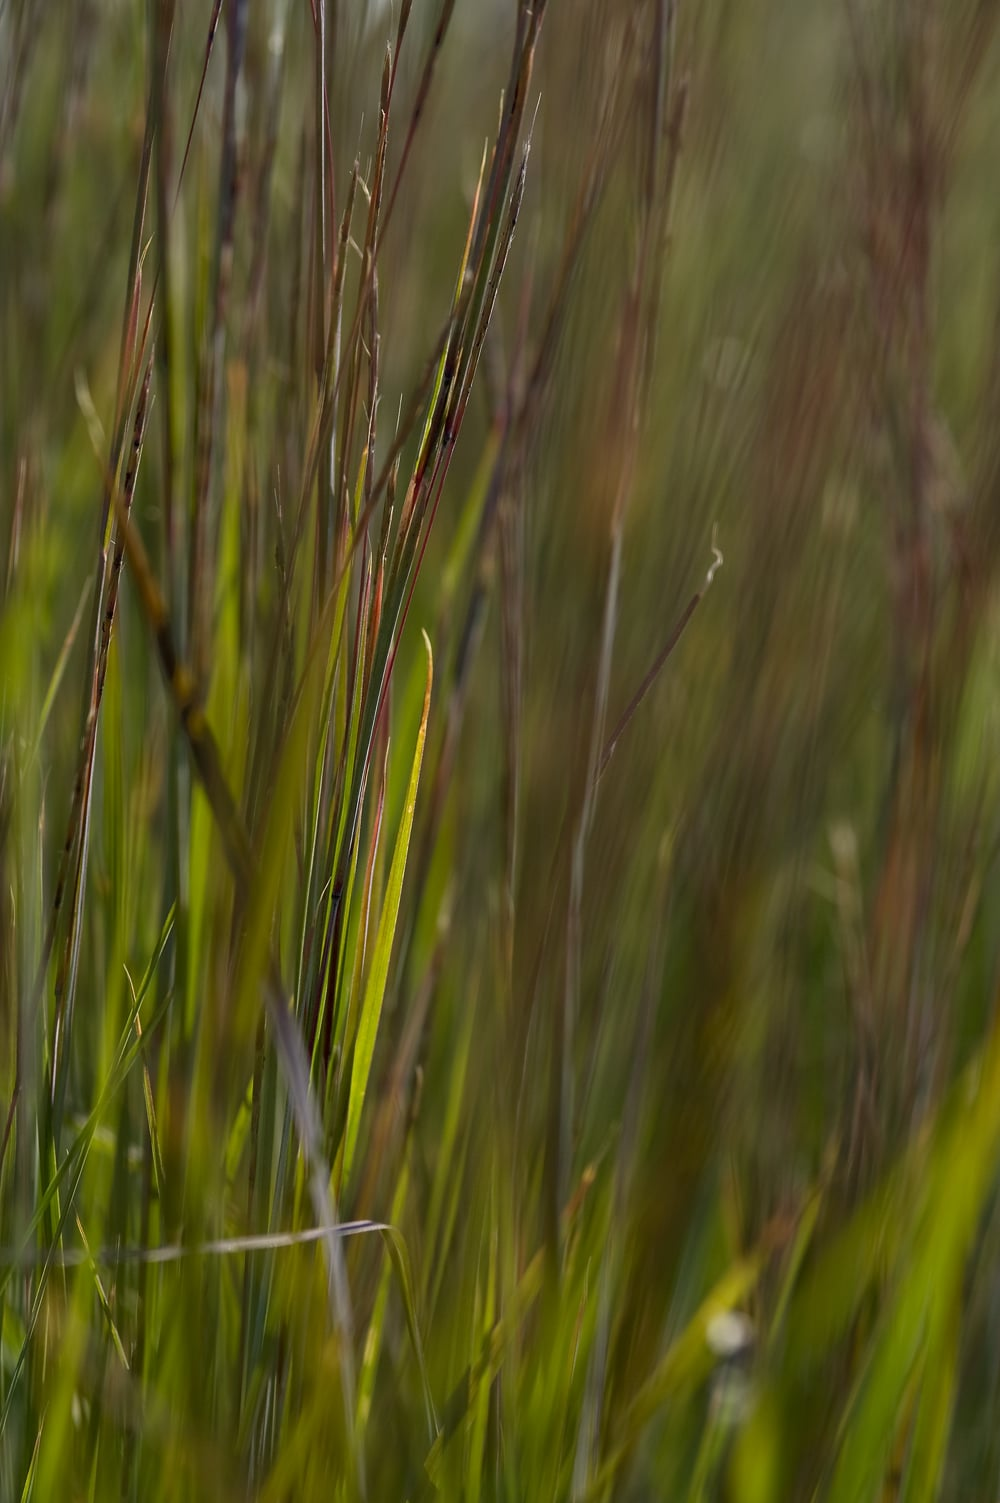 #19 Green/Red grass 2